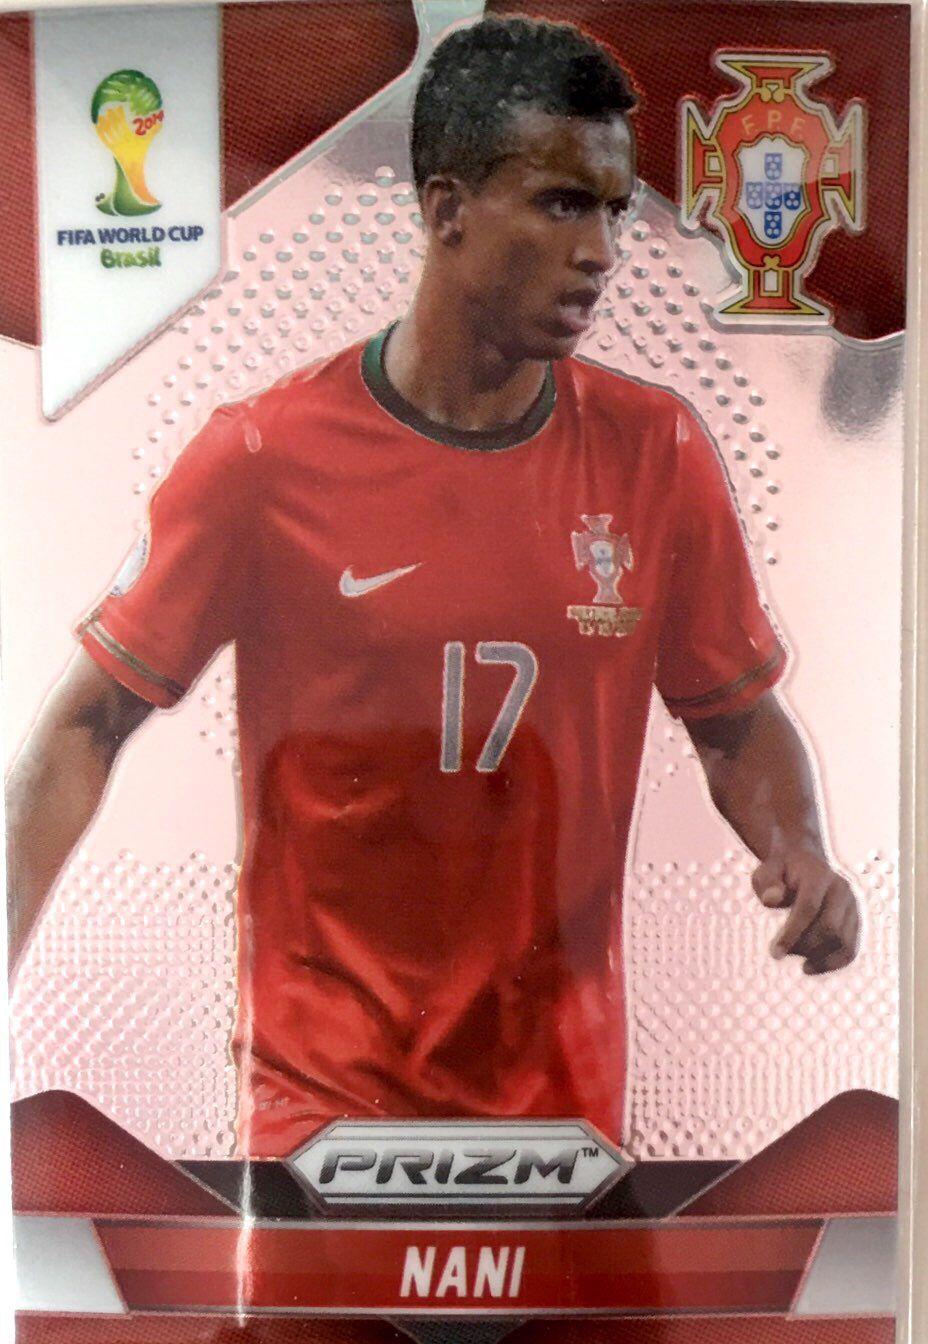 【普拉蒂尼】2014Panini帕尼尼巴西世界杯足球球星卡Nani纳尼葡萄牙NO.159普卡